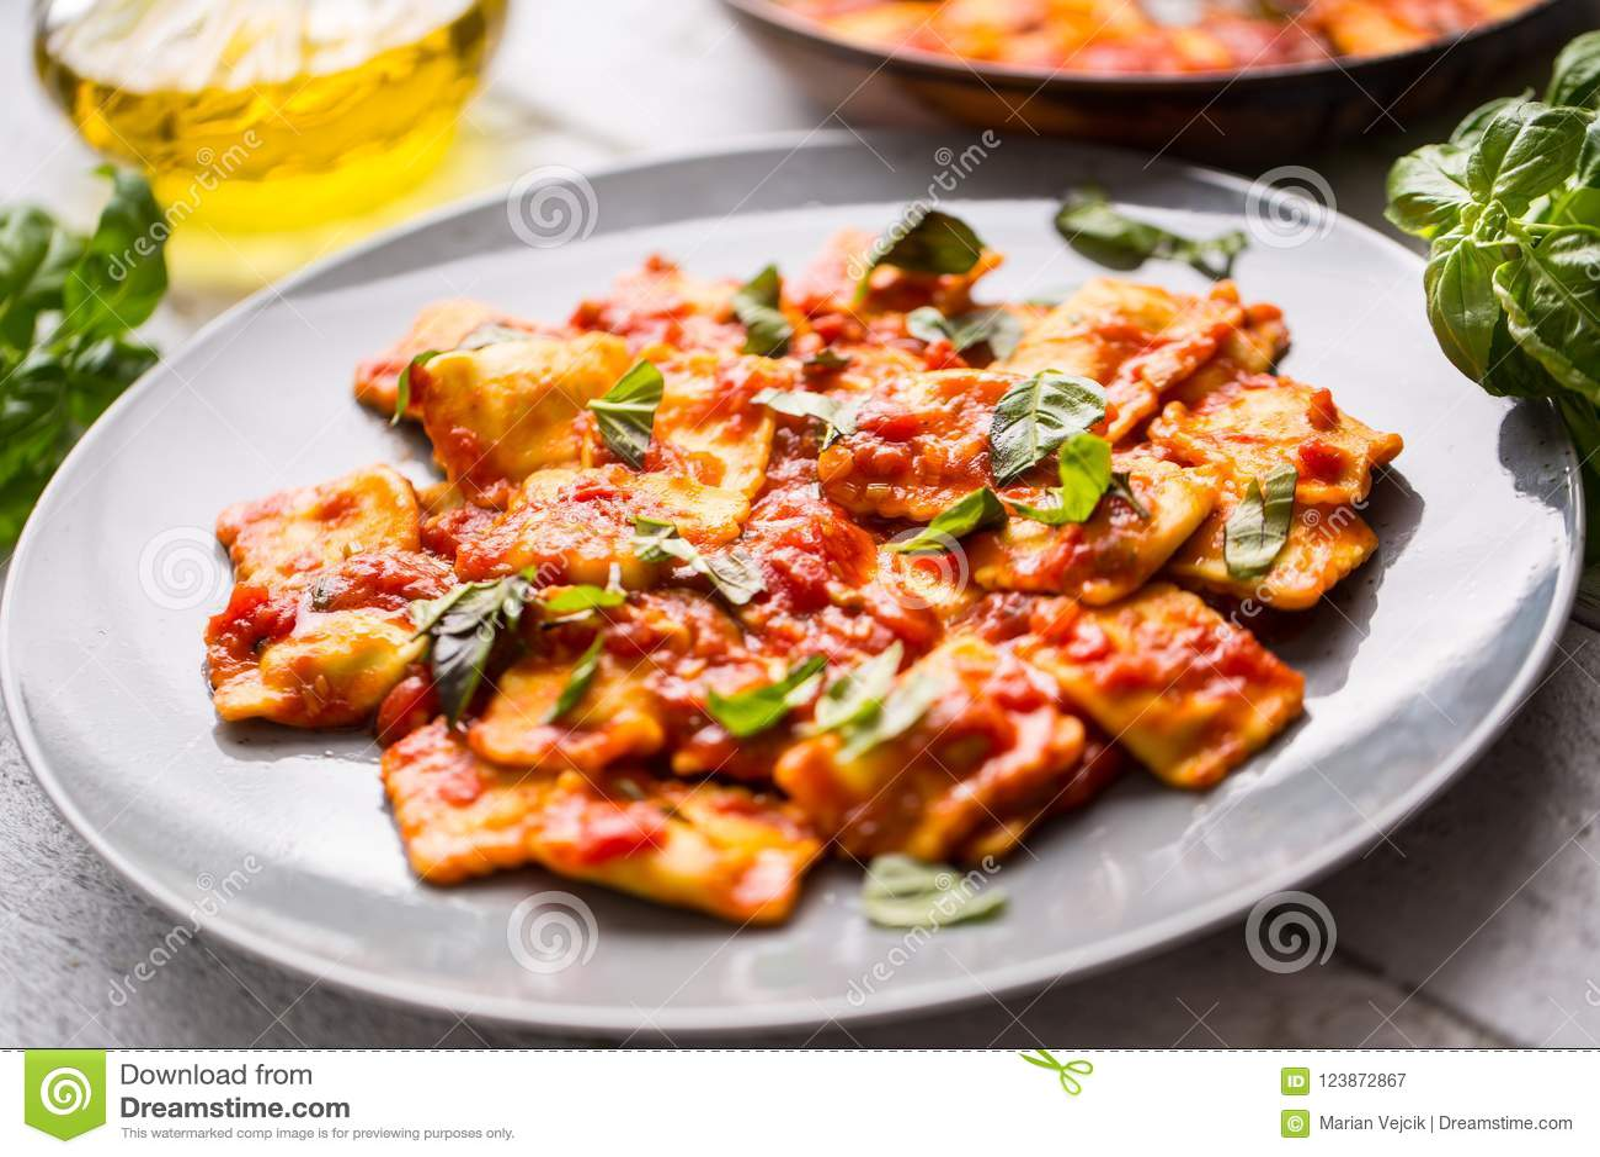 西红柿酱意大利或地中海食物面团馄饨